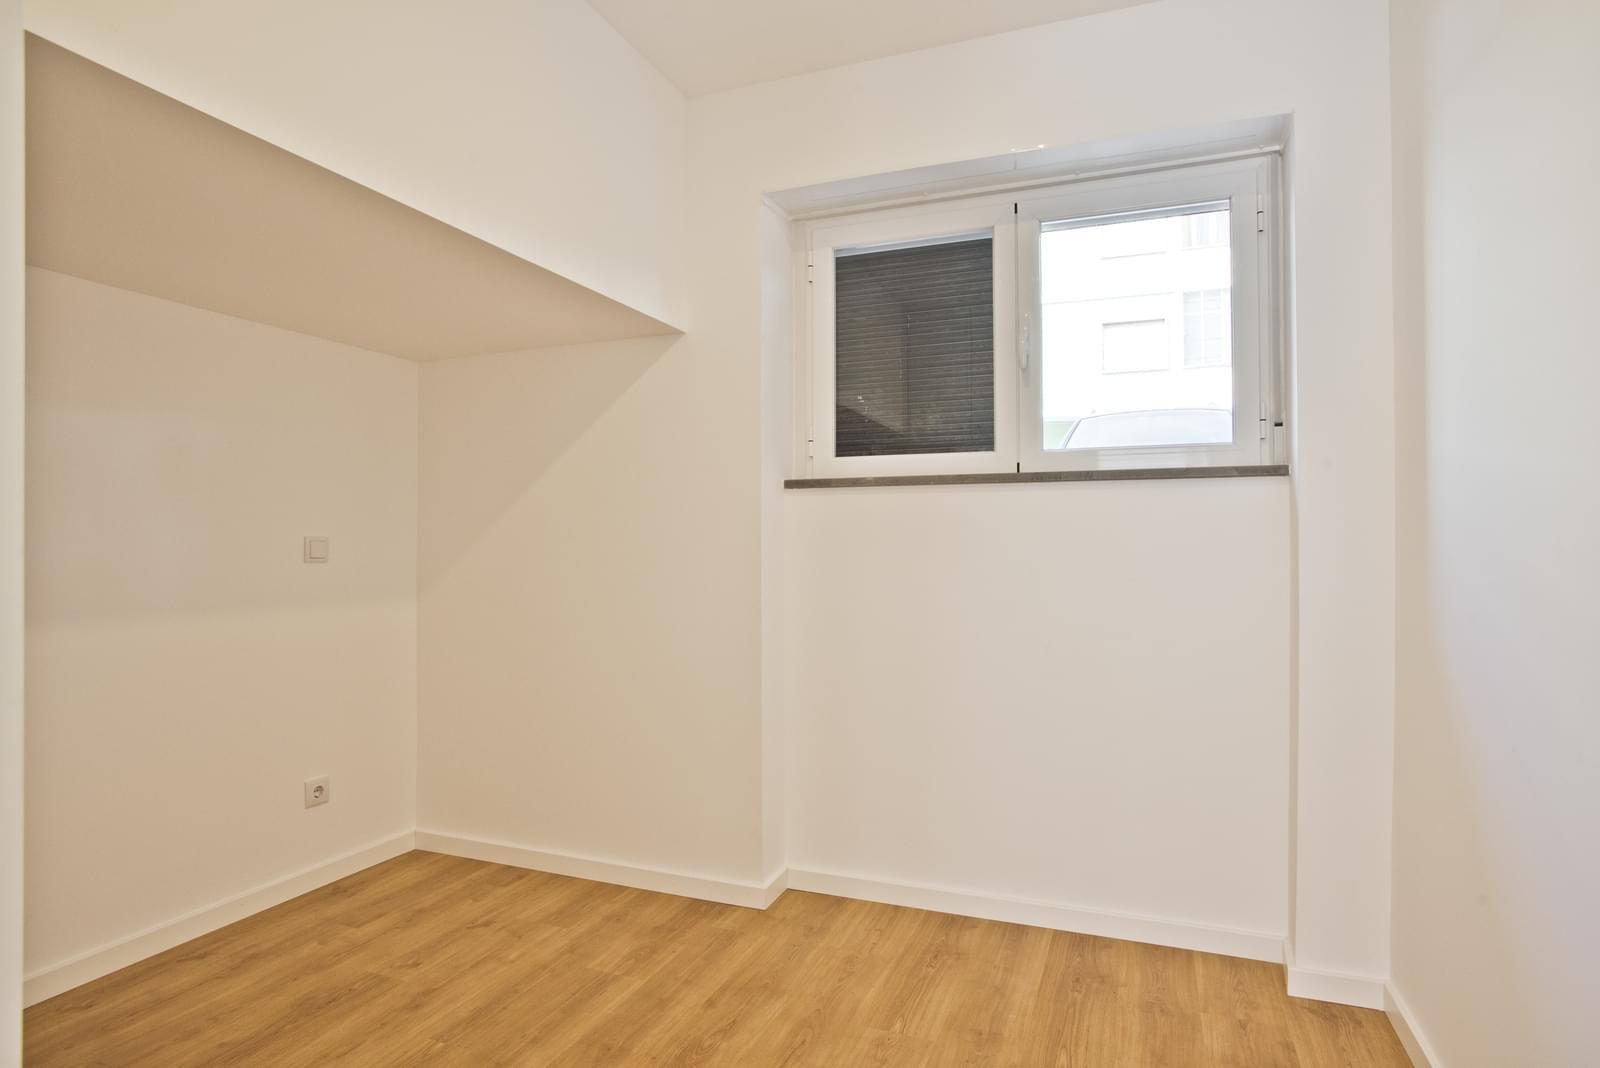 pf16986-apartamento-t2-cascais-be058585-d6a2-467d-8586-020f287d02a5